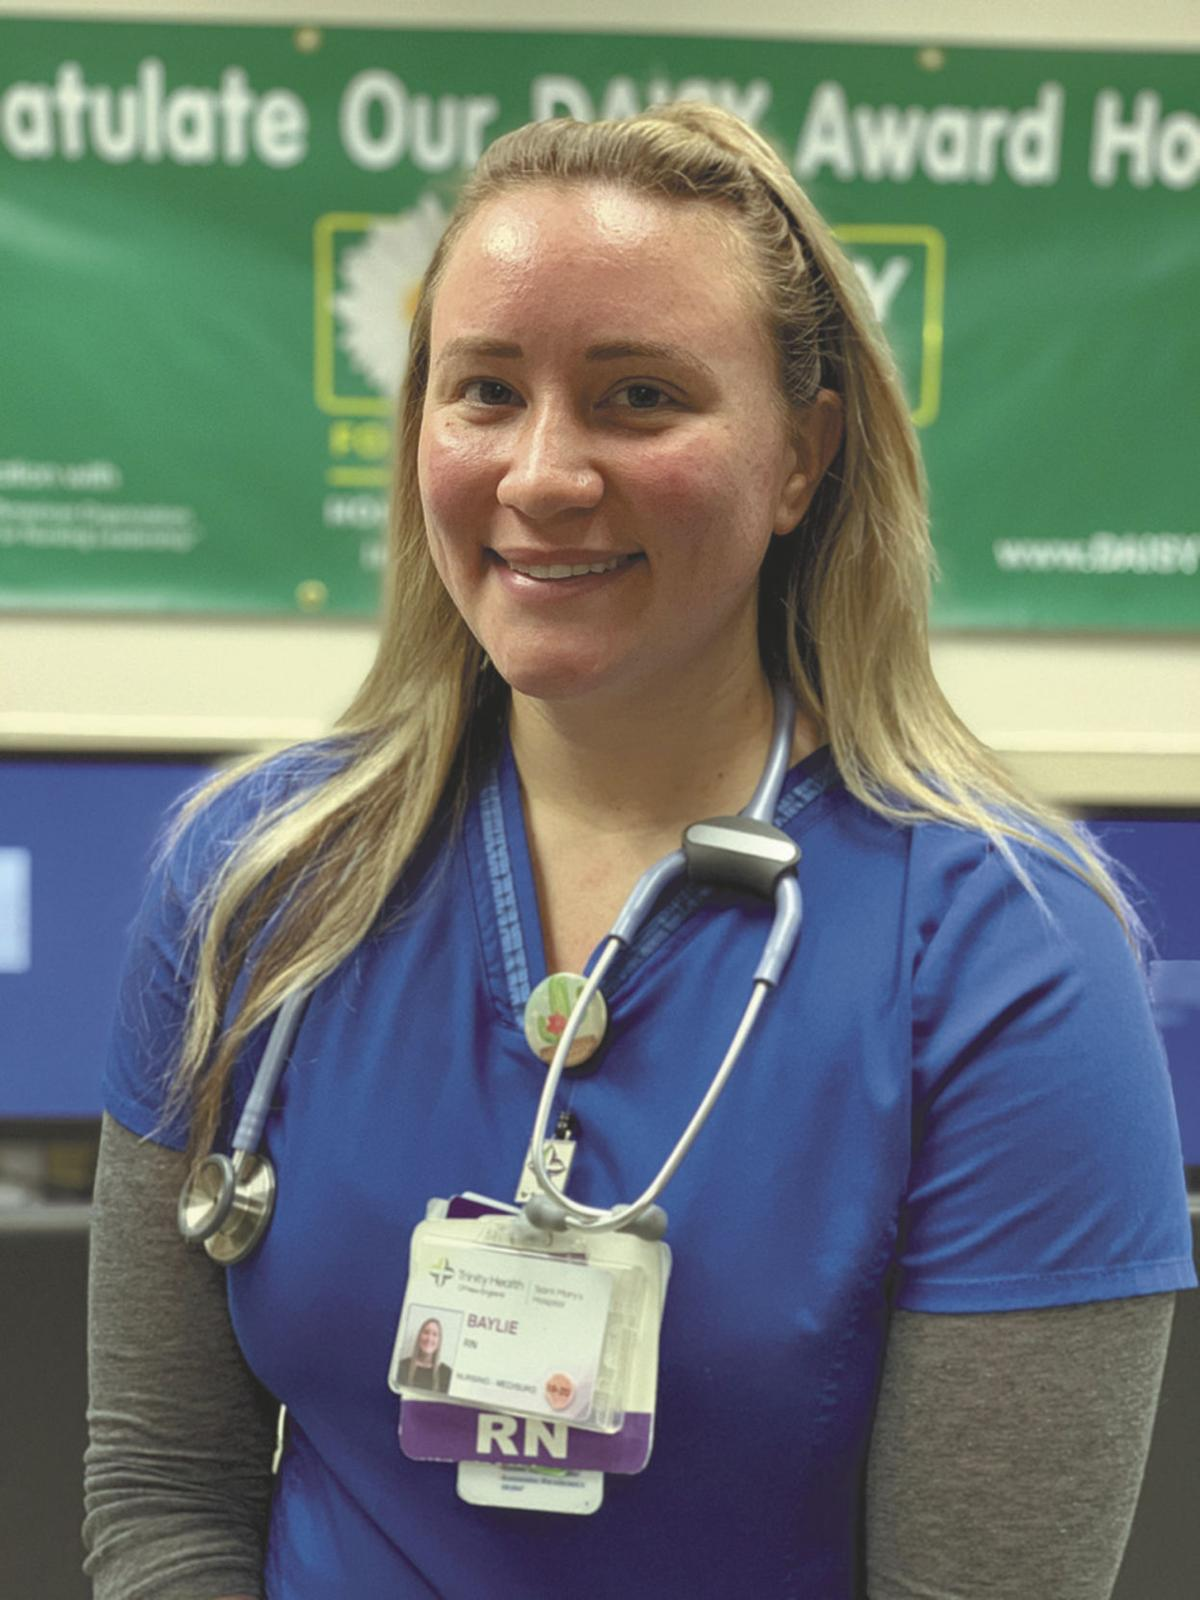 At St. Mary's Hospital: Nurses Honored With Daisy Awards